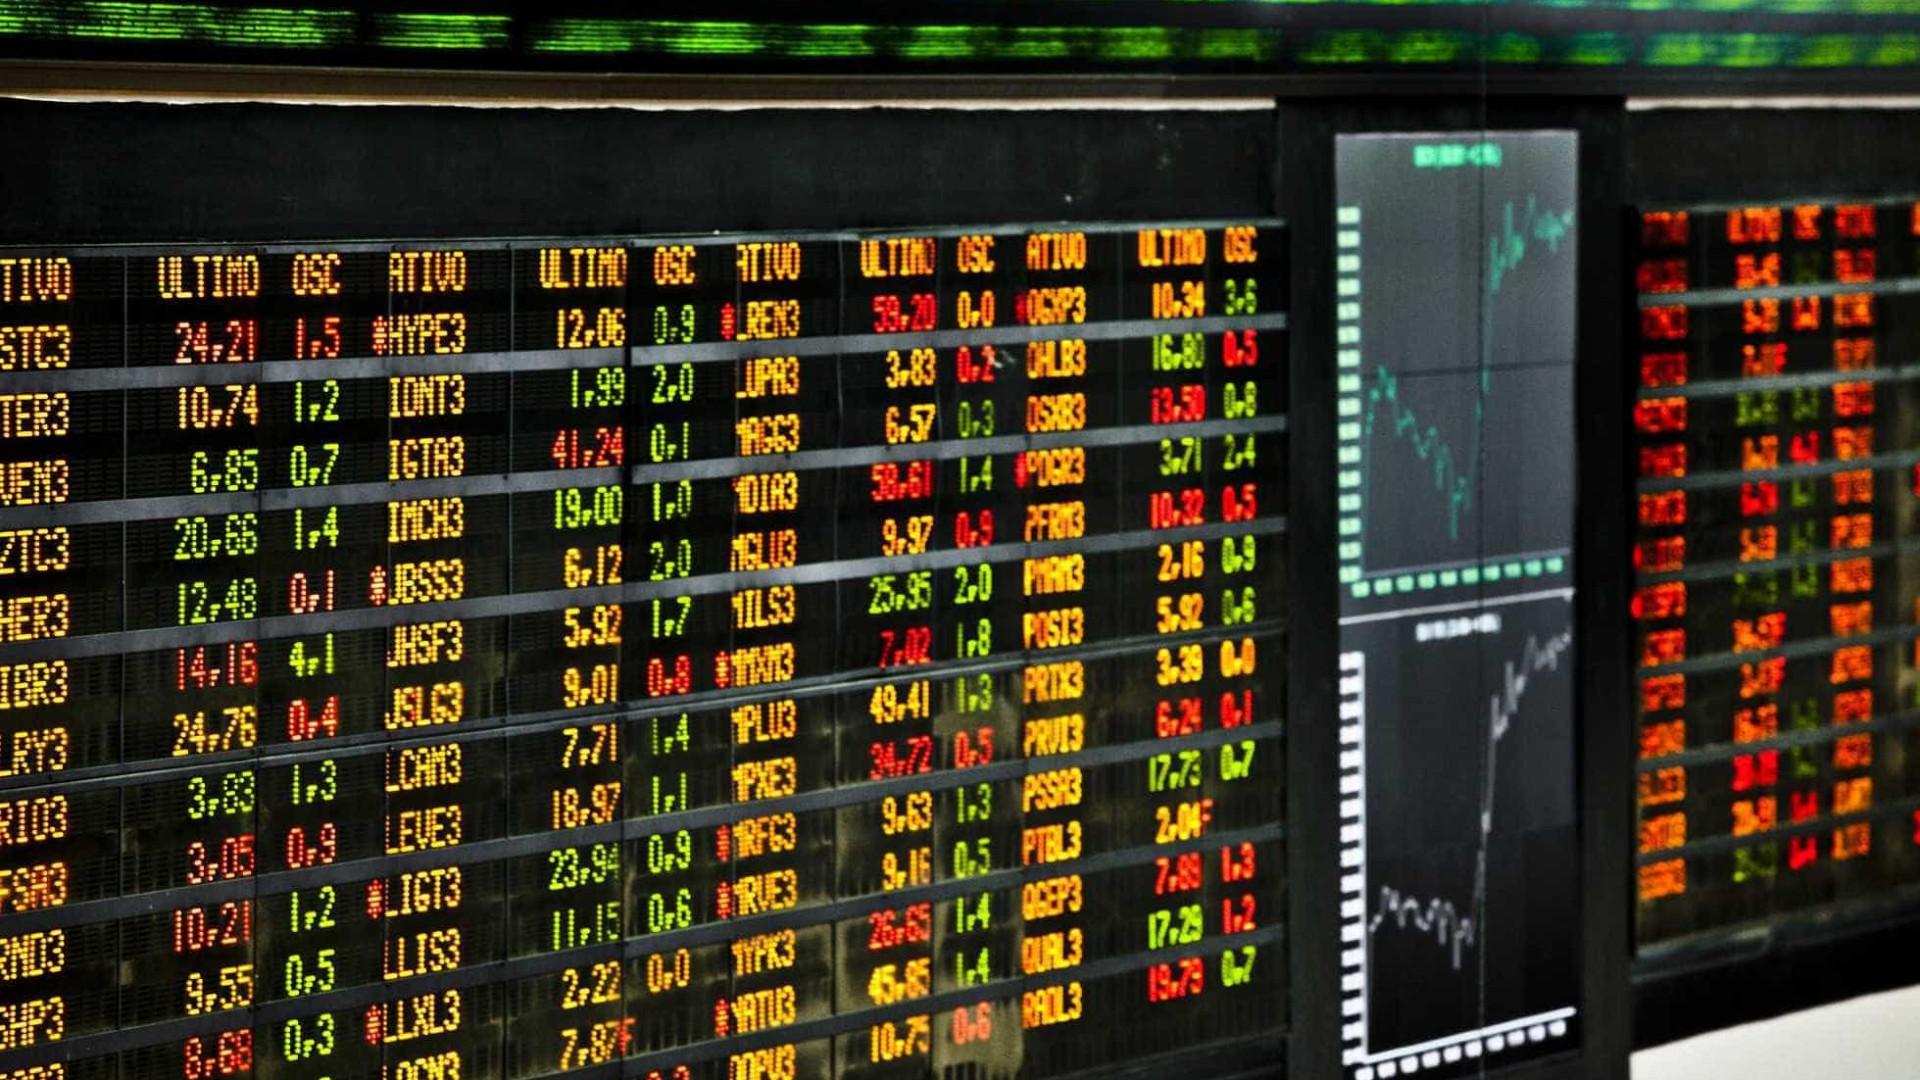 Bolsa brasileira acompanha piora no exterior e cai 1,5%